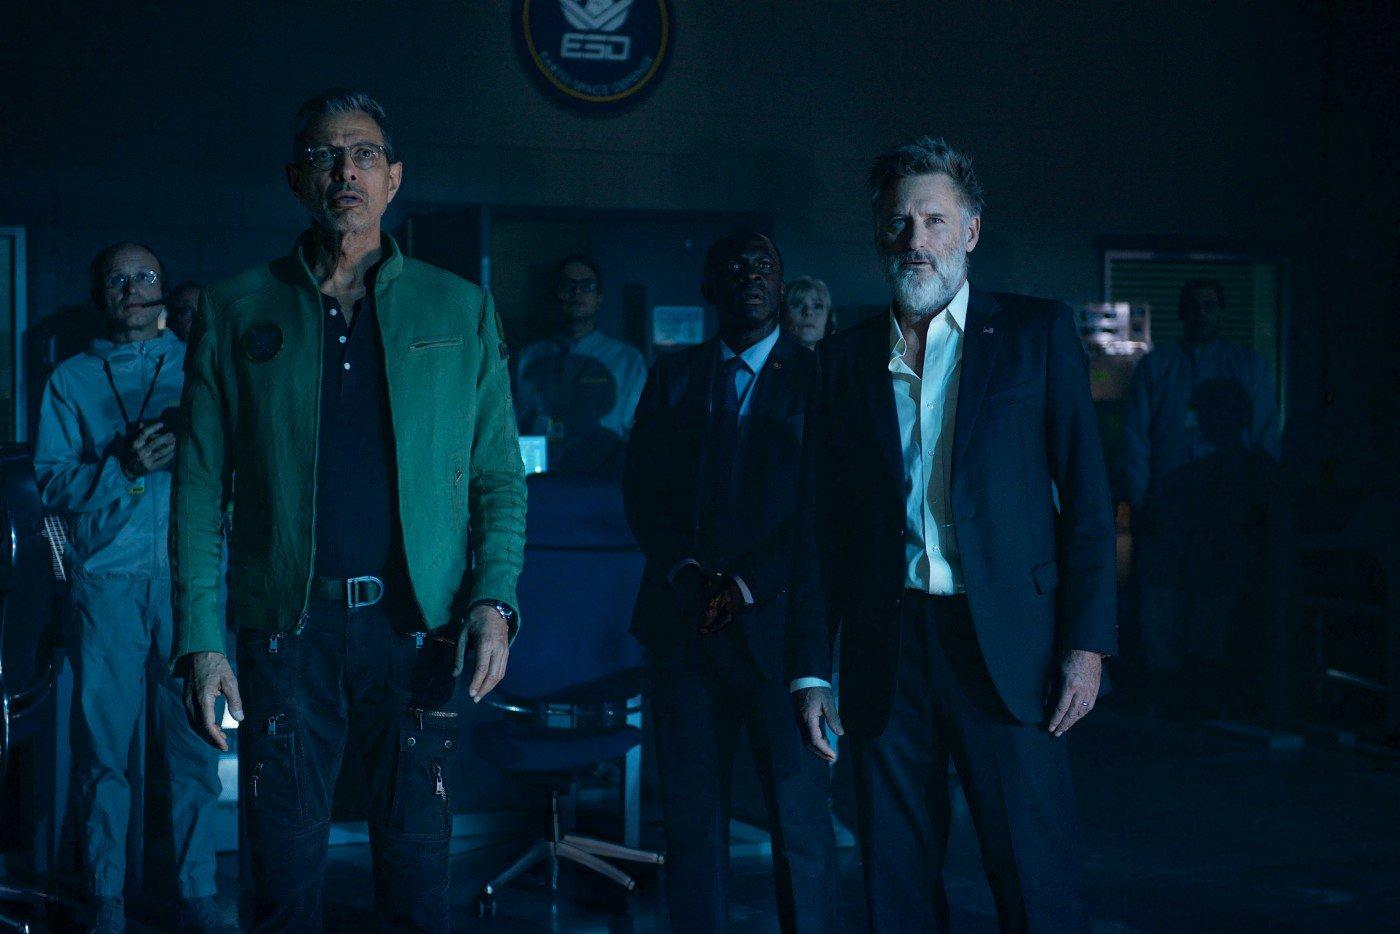 день независимости фото из фильма